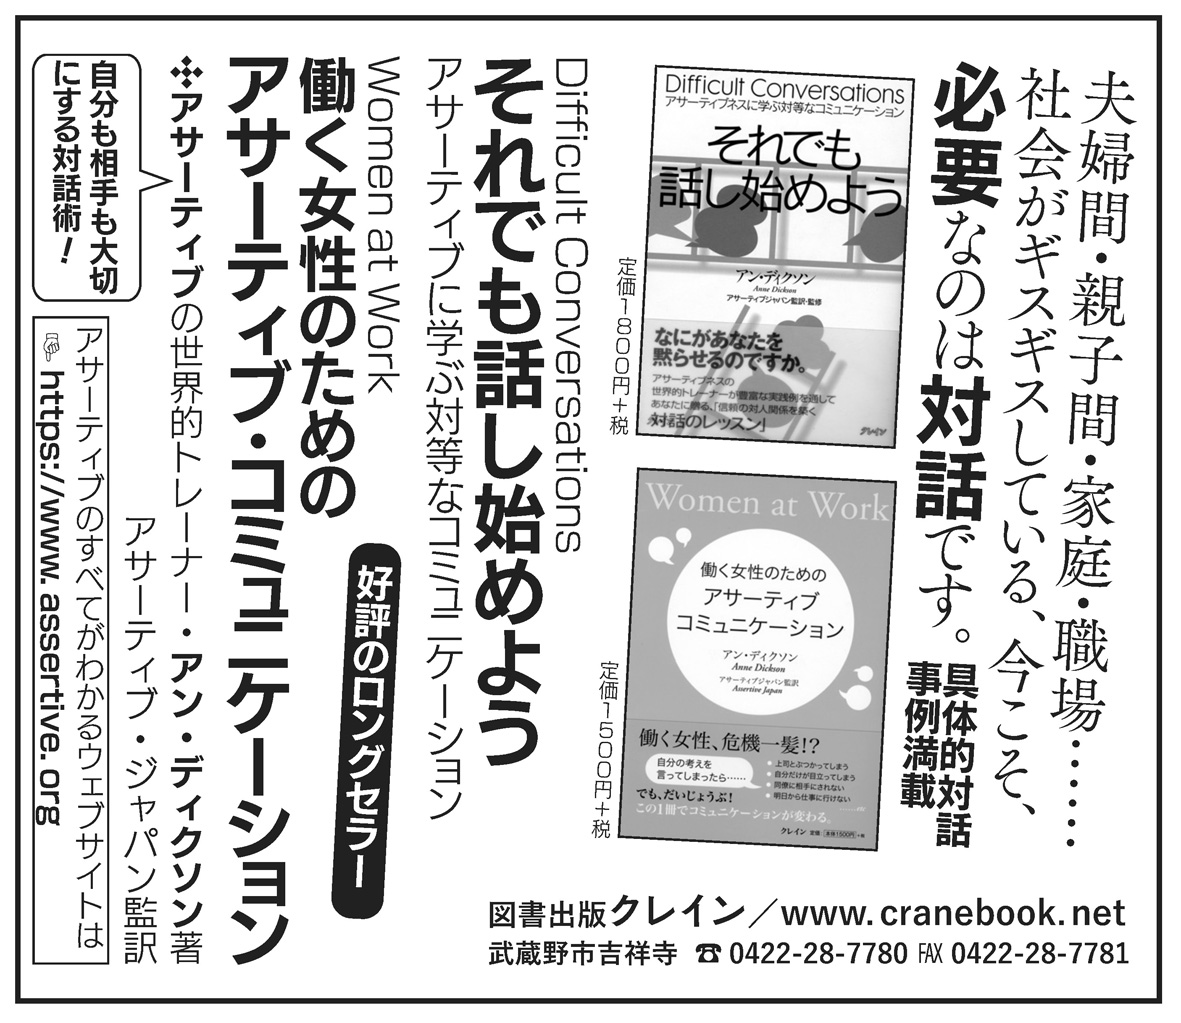 『ふぇみん』2020年5月5日の広告です。